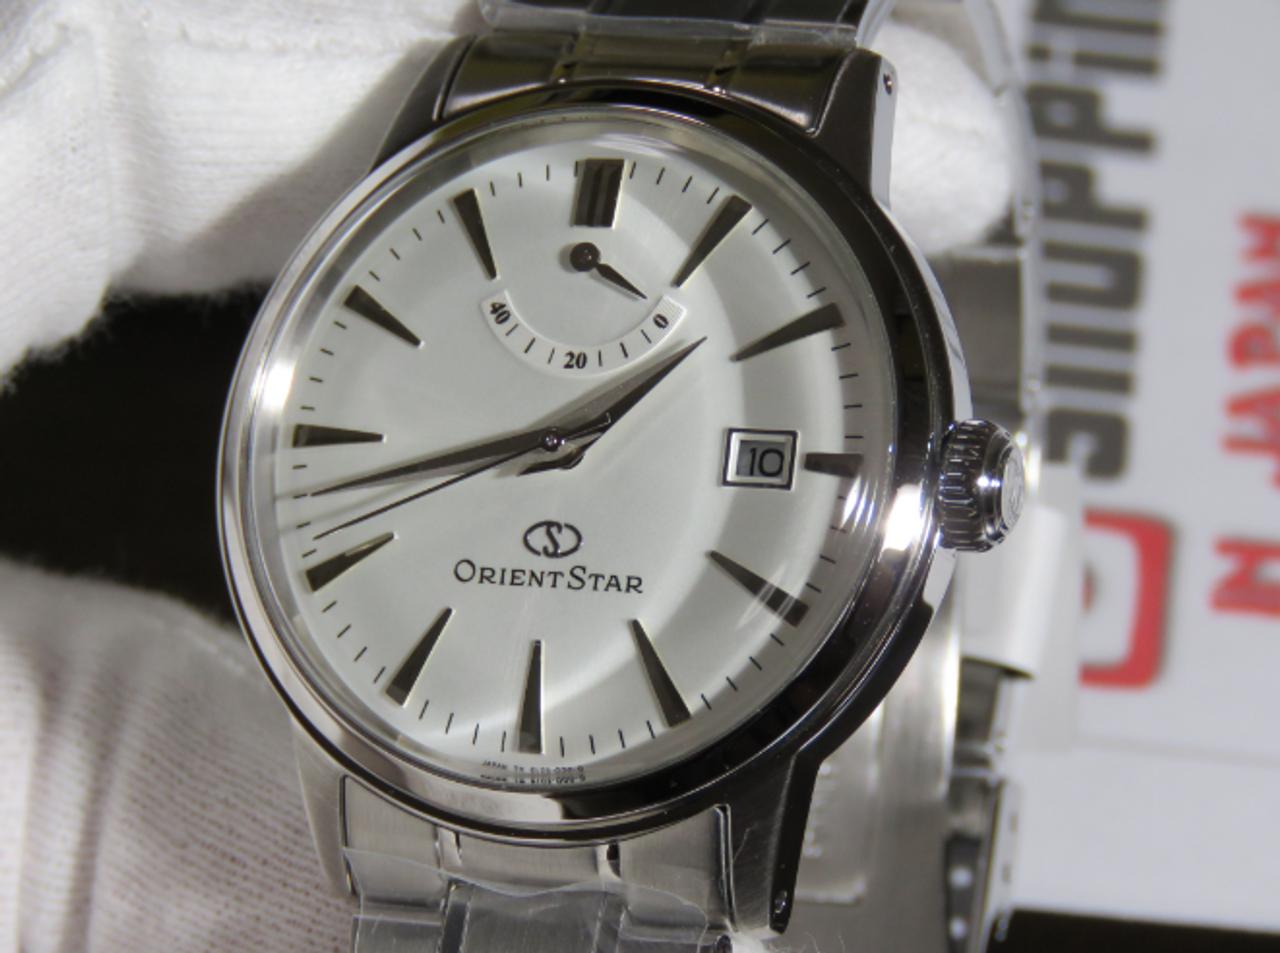 Orient Star WZ0381EL